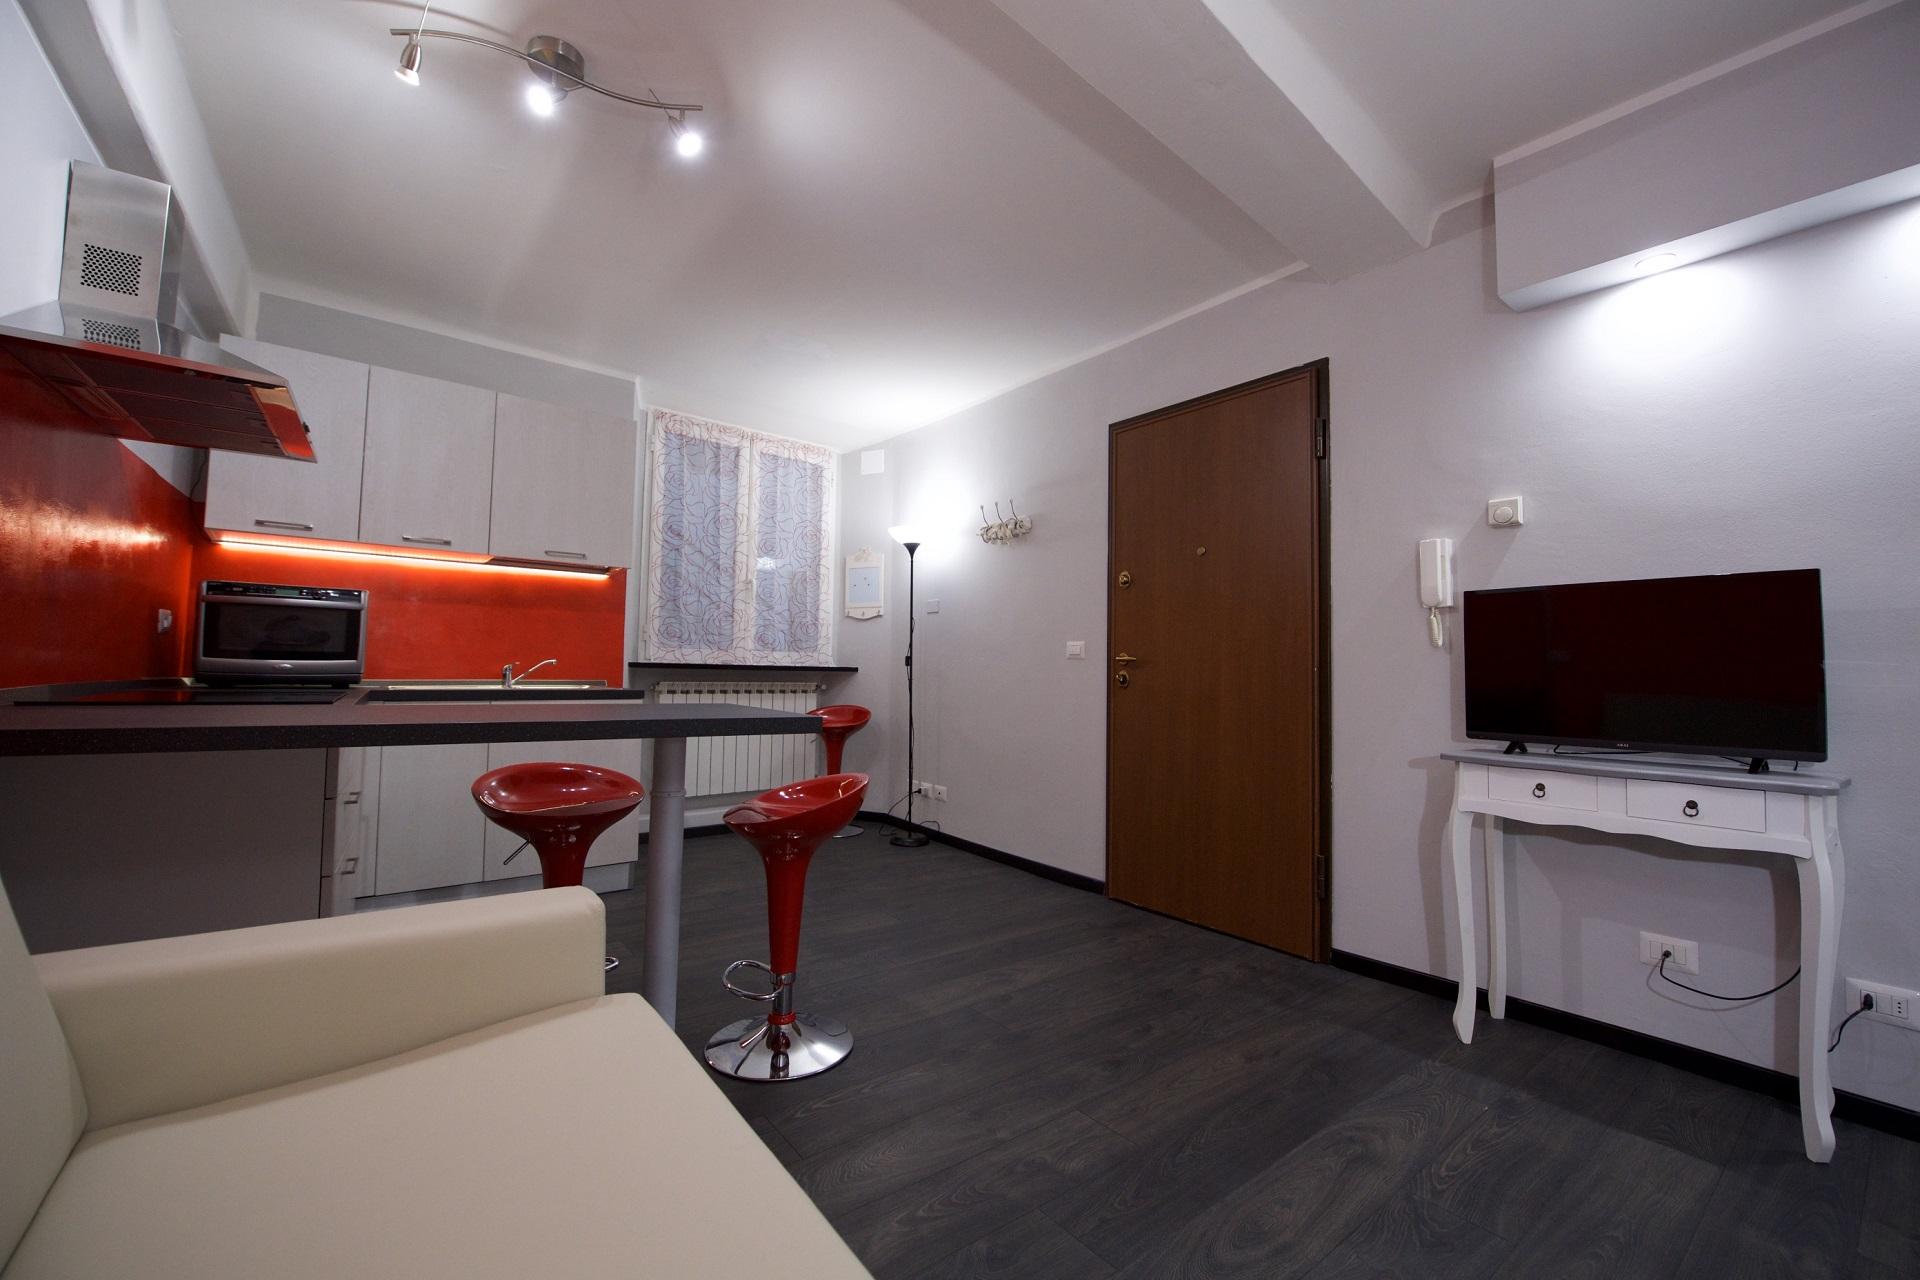 Appartamenti vacanze savona appartamenti casalice for Appartamenti vacanze affitto